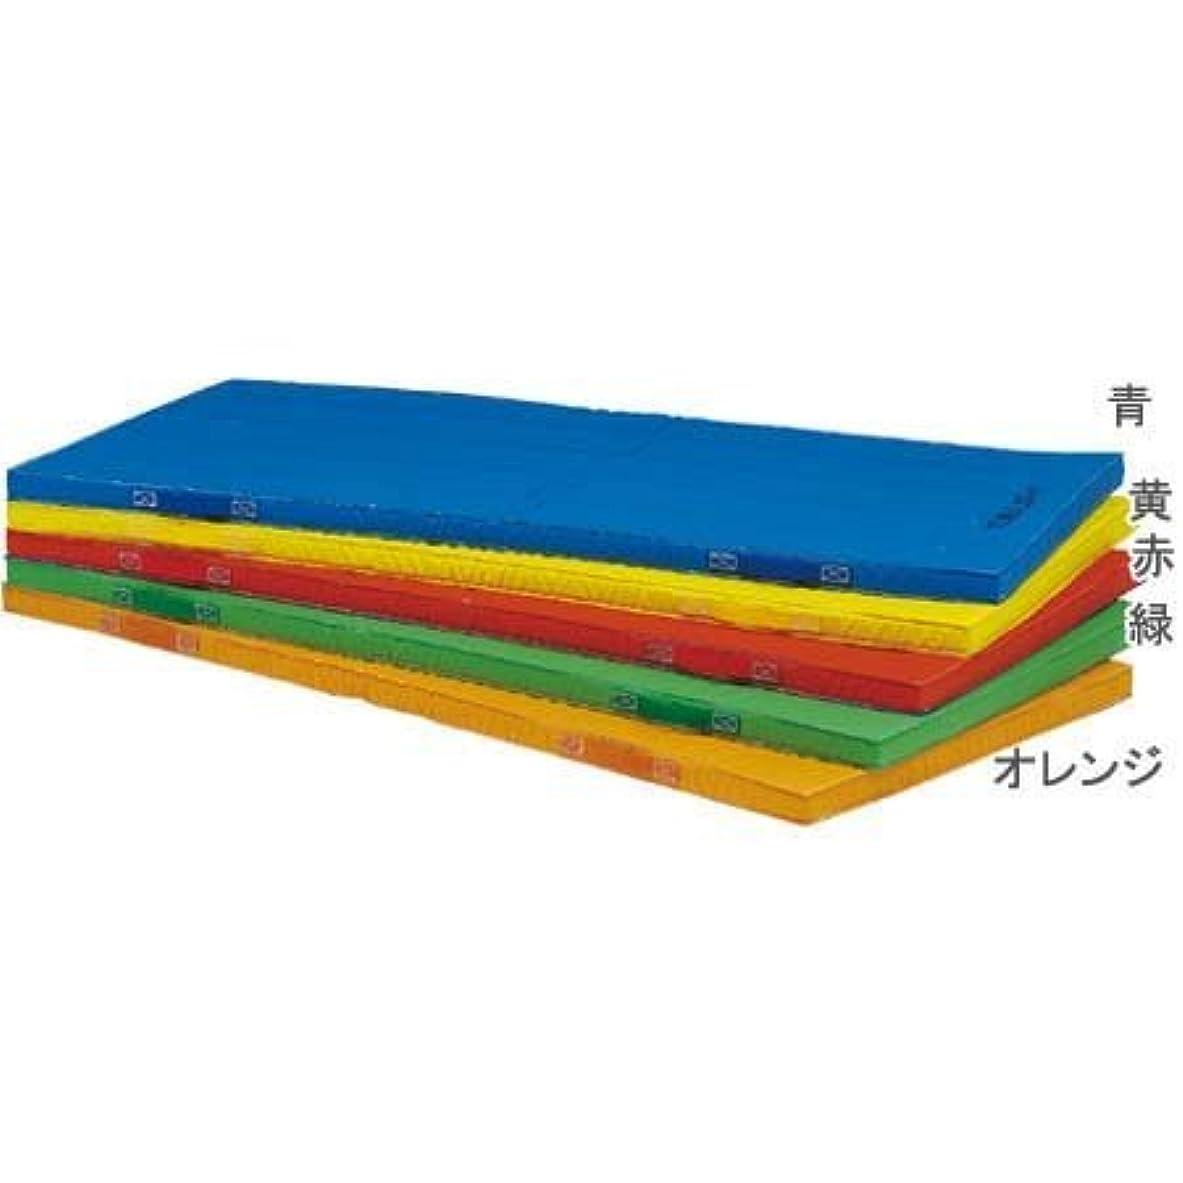 独立微弱部門TOEI LIGHT(トーエイライト) エコカラーコンビネーションマット5㎝厚 120×240×5㎝ オレンジ T1181V